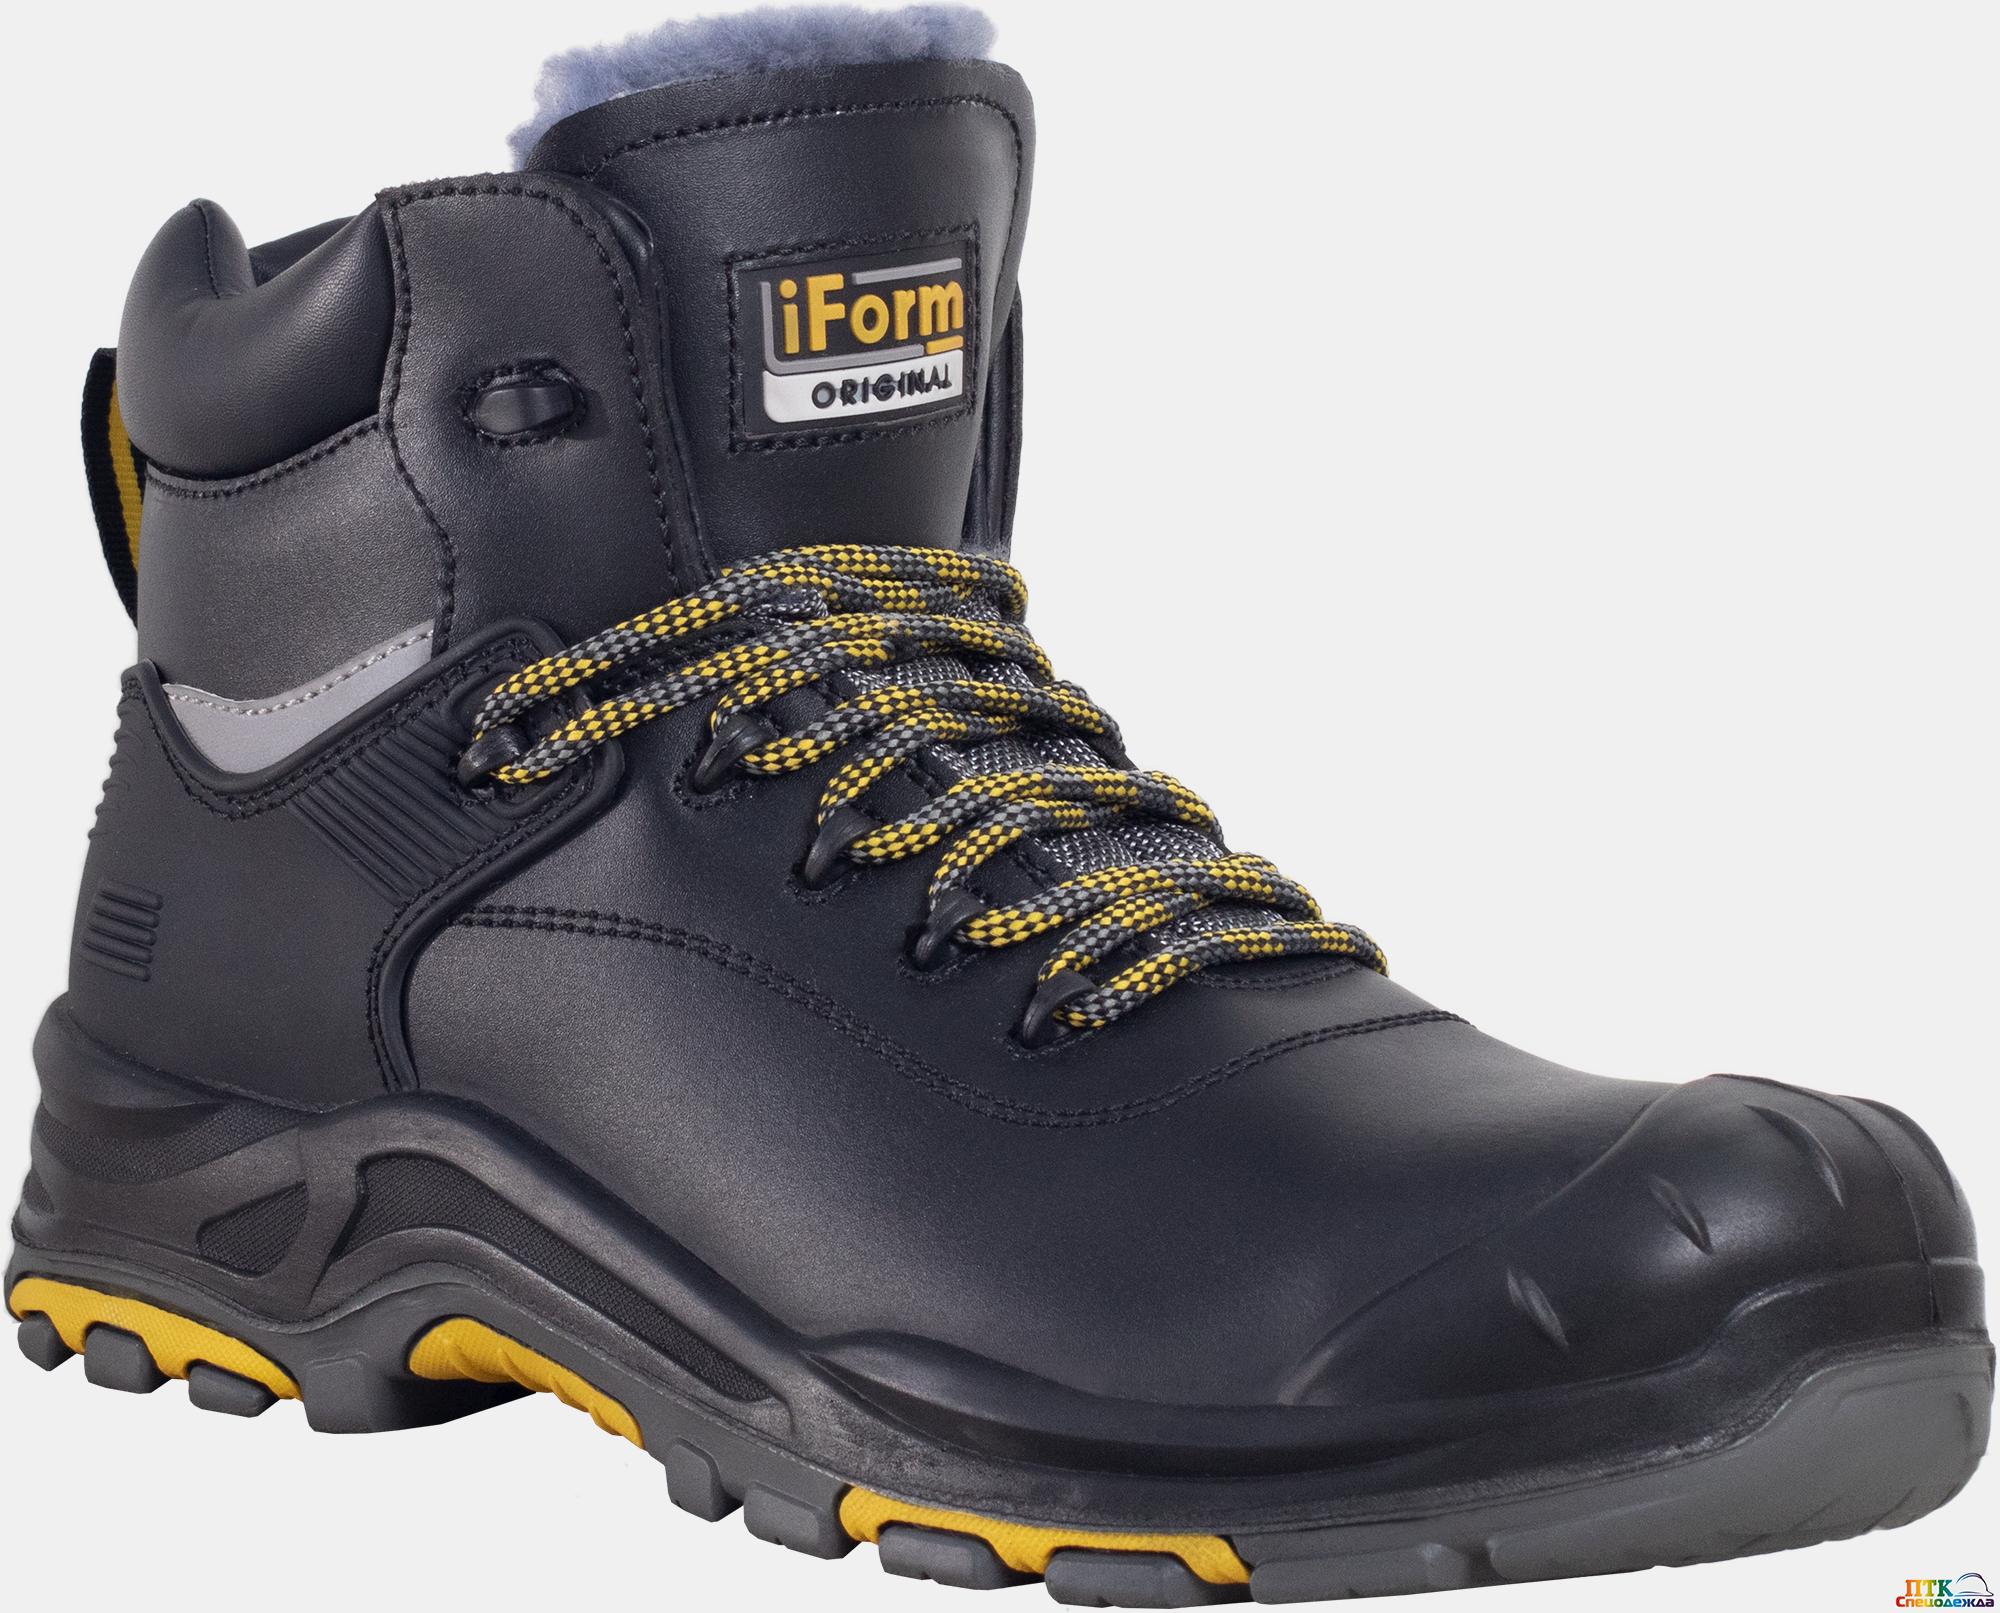 Ботинки iForm® ORIGINAL (ОРИДЖИНАЛ) с КП нат. мех, кожаные ПУ/нитрил (Бот 176)